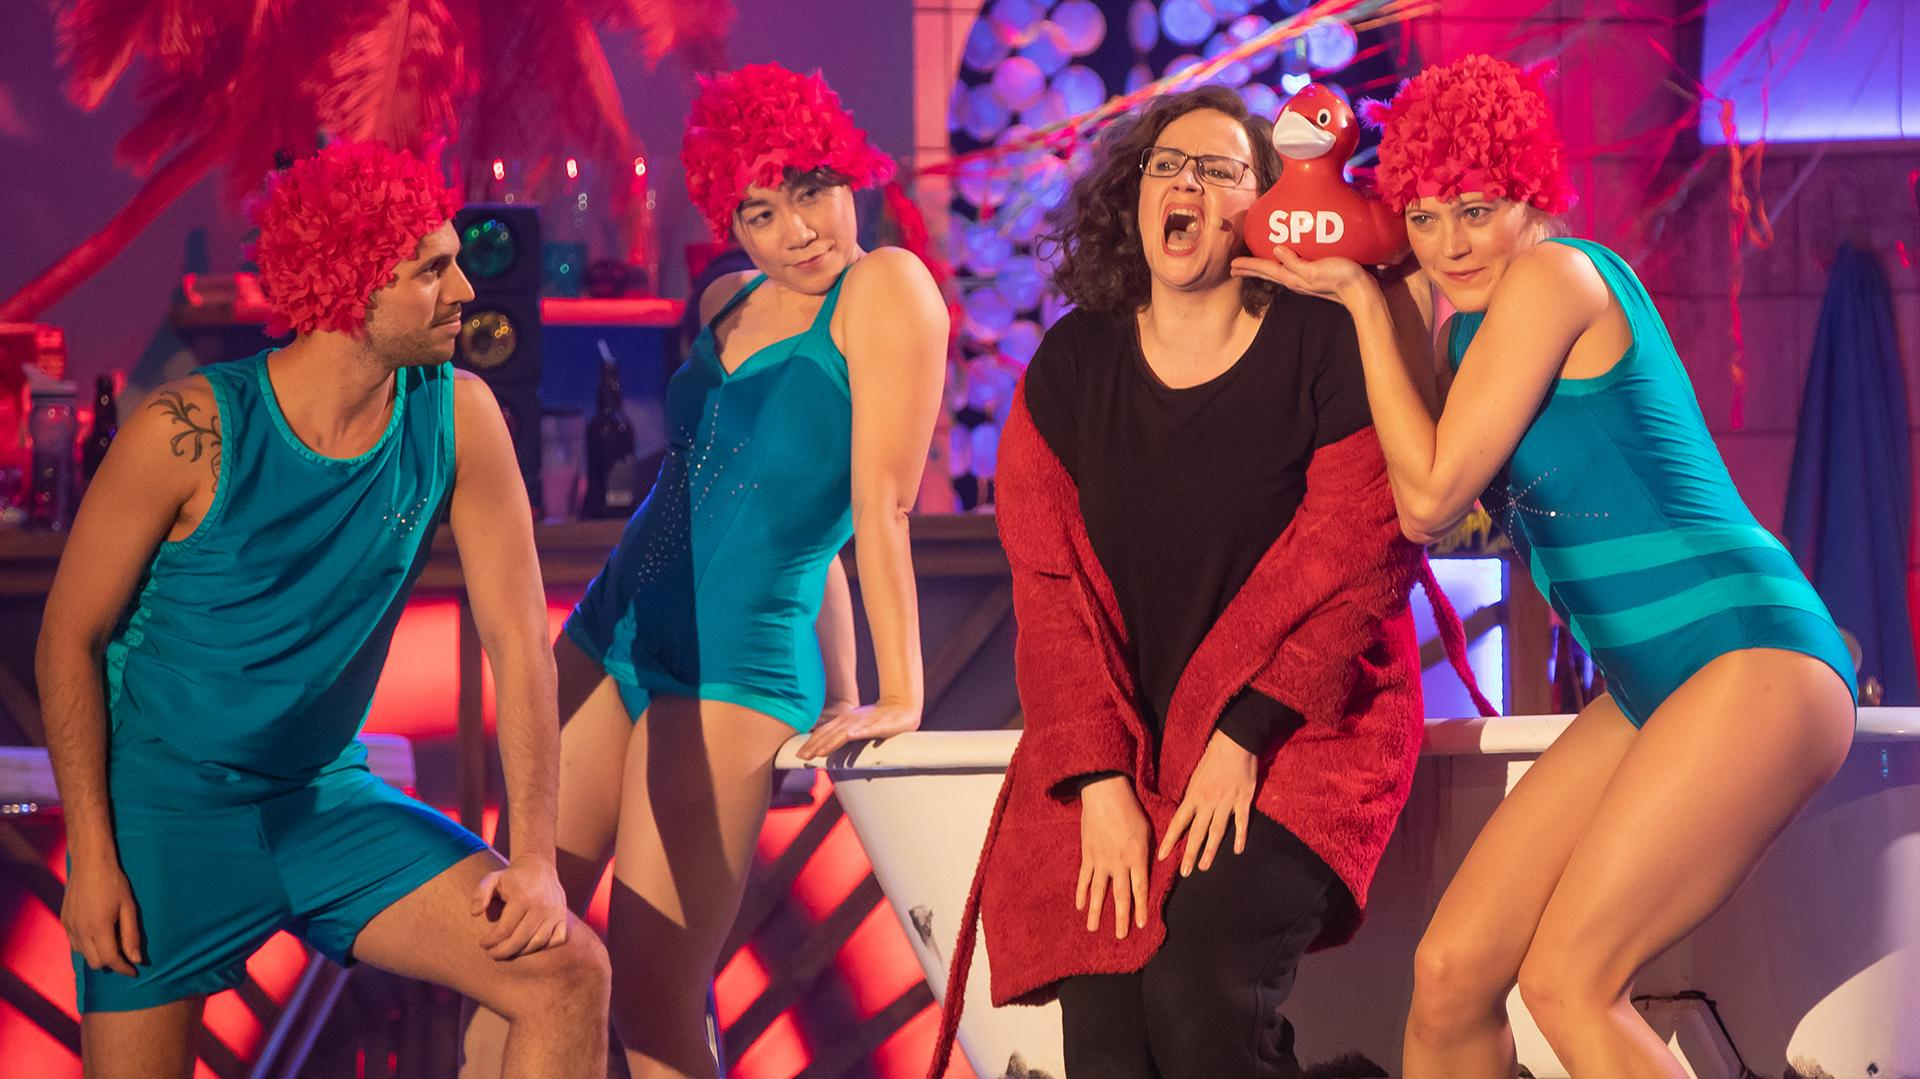 SPD-Chefin Andrea Nahles, gespielt von Nikola Norgauer, ist zum ersten Mal beim Singspiel dabei.